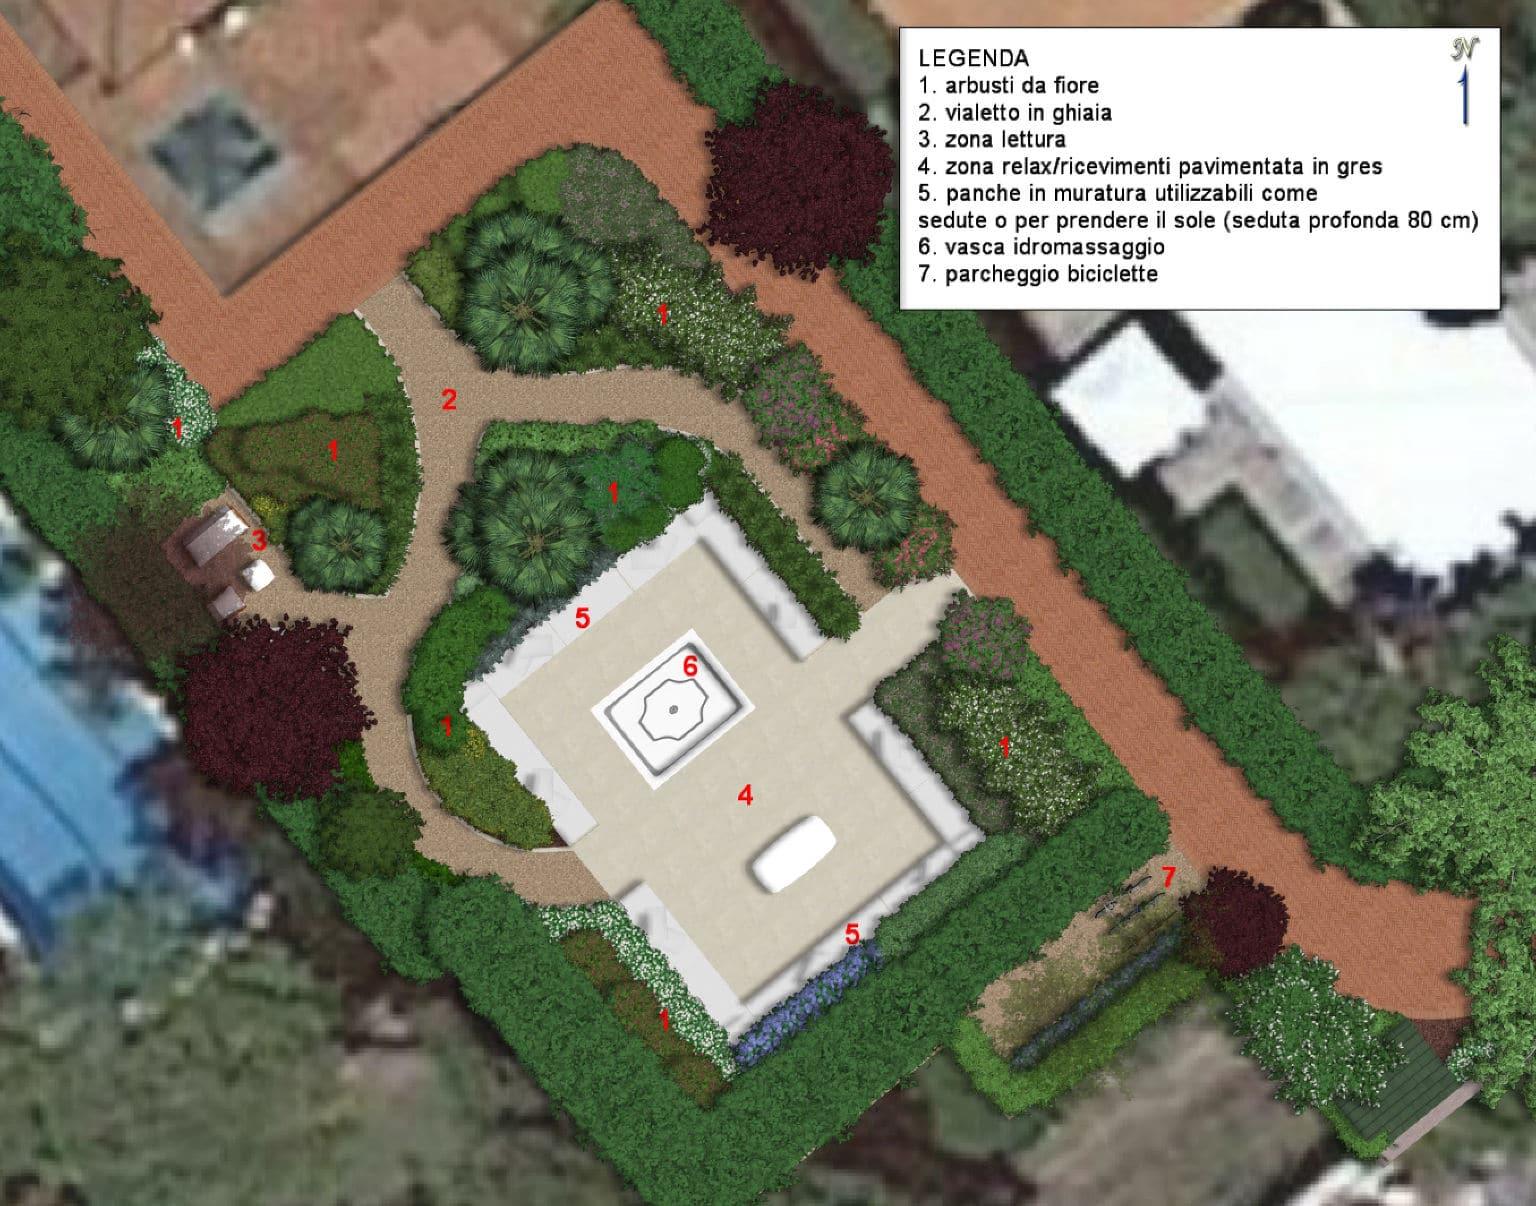 Progettazione di giardino in versilia davide giorgi for Progettazione giardini lucca